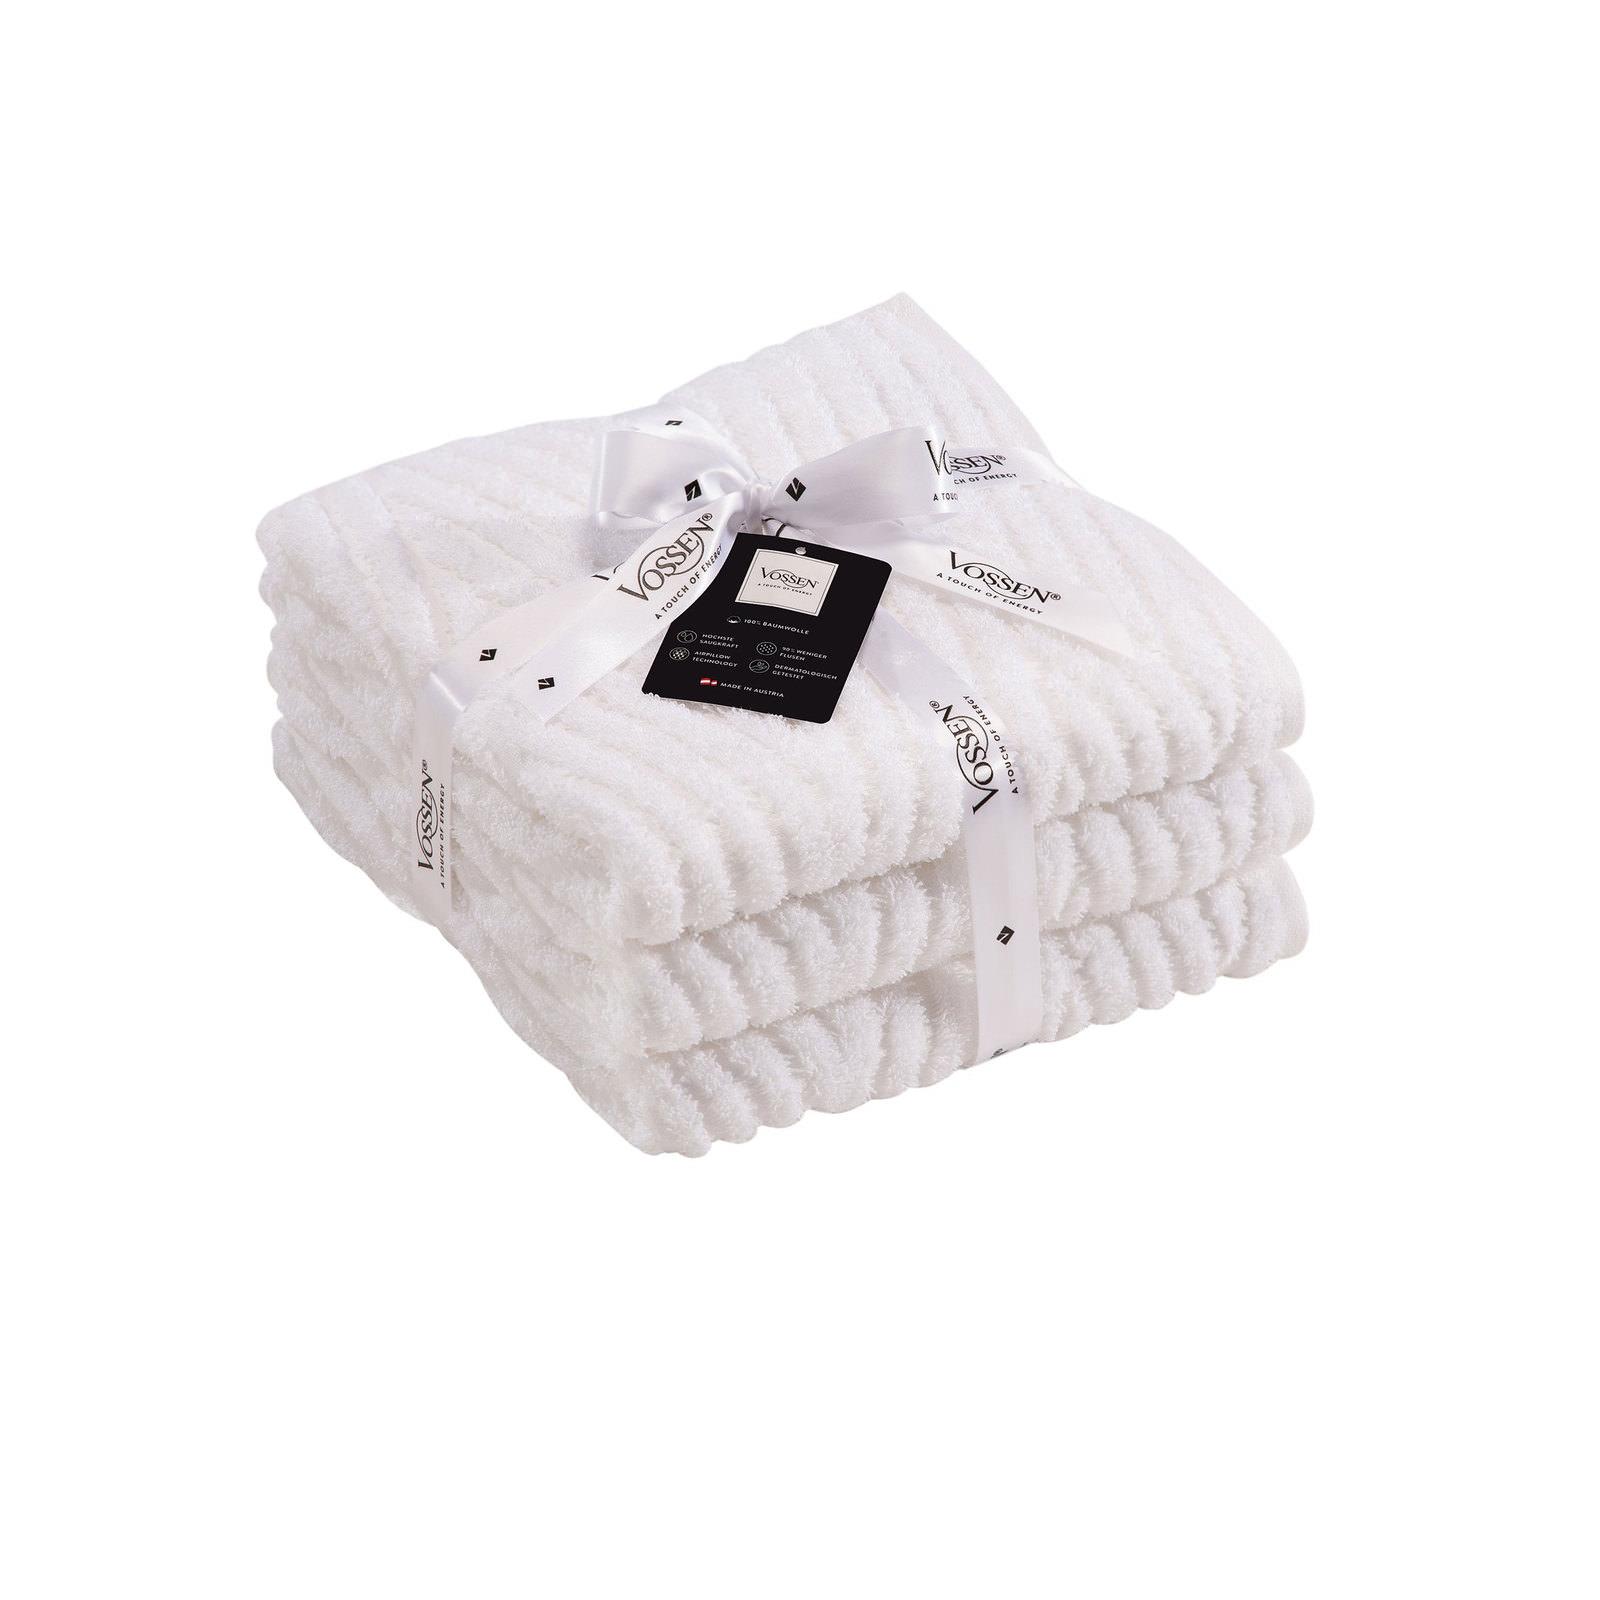 vossen handtuch set wei wei online entdecken. Black Bedroom Furniture Sets. Home Design Ideas